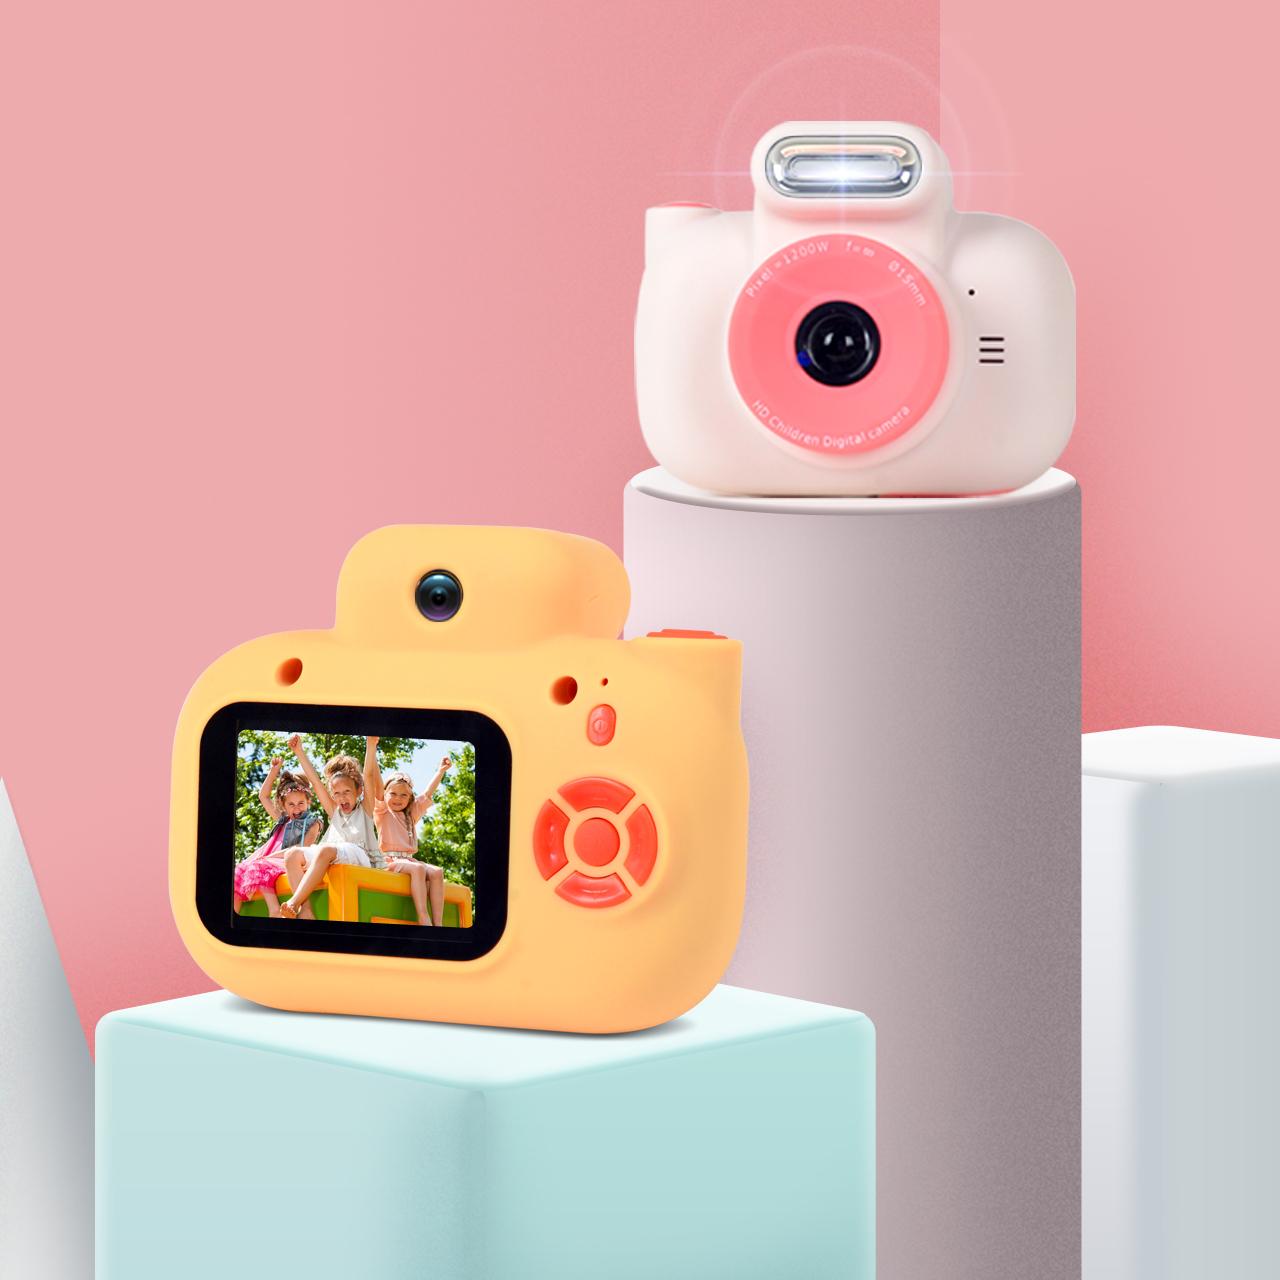 波比熊P3兒童相機玩具可拍照1200萬寶寶高清迷你數碼照相機小單反